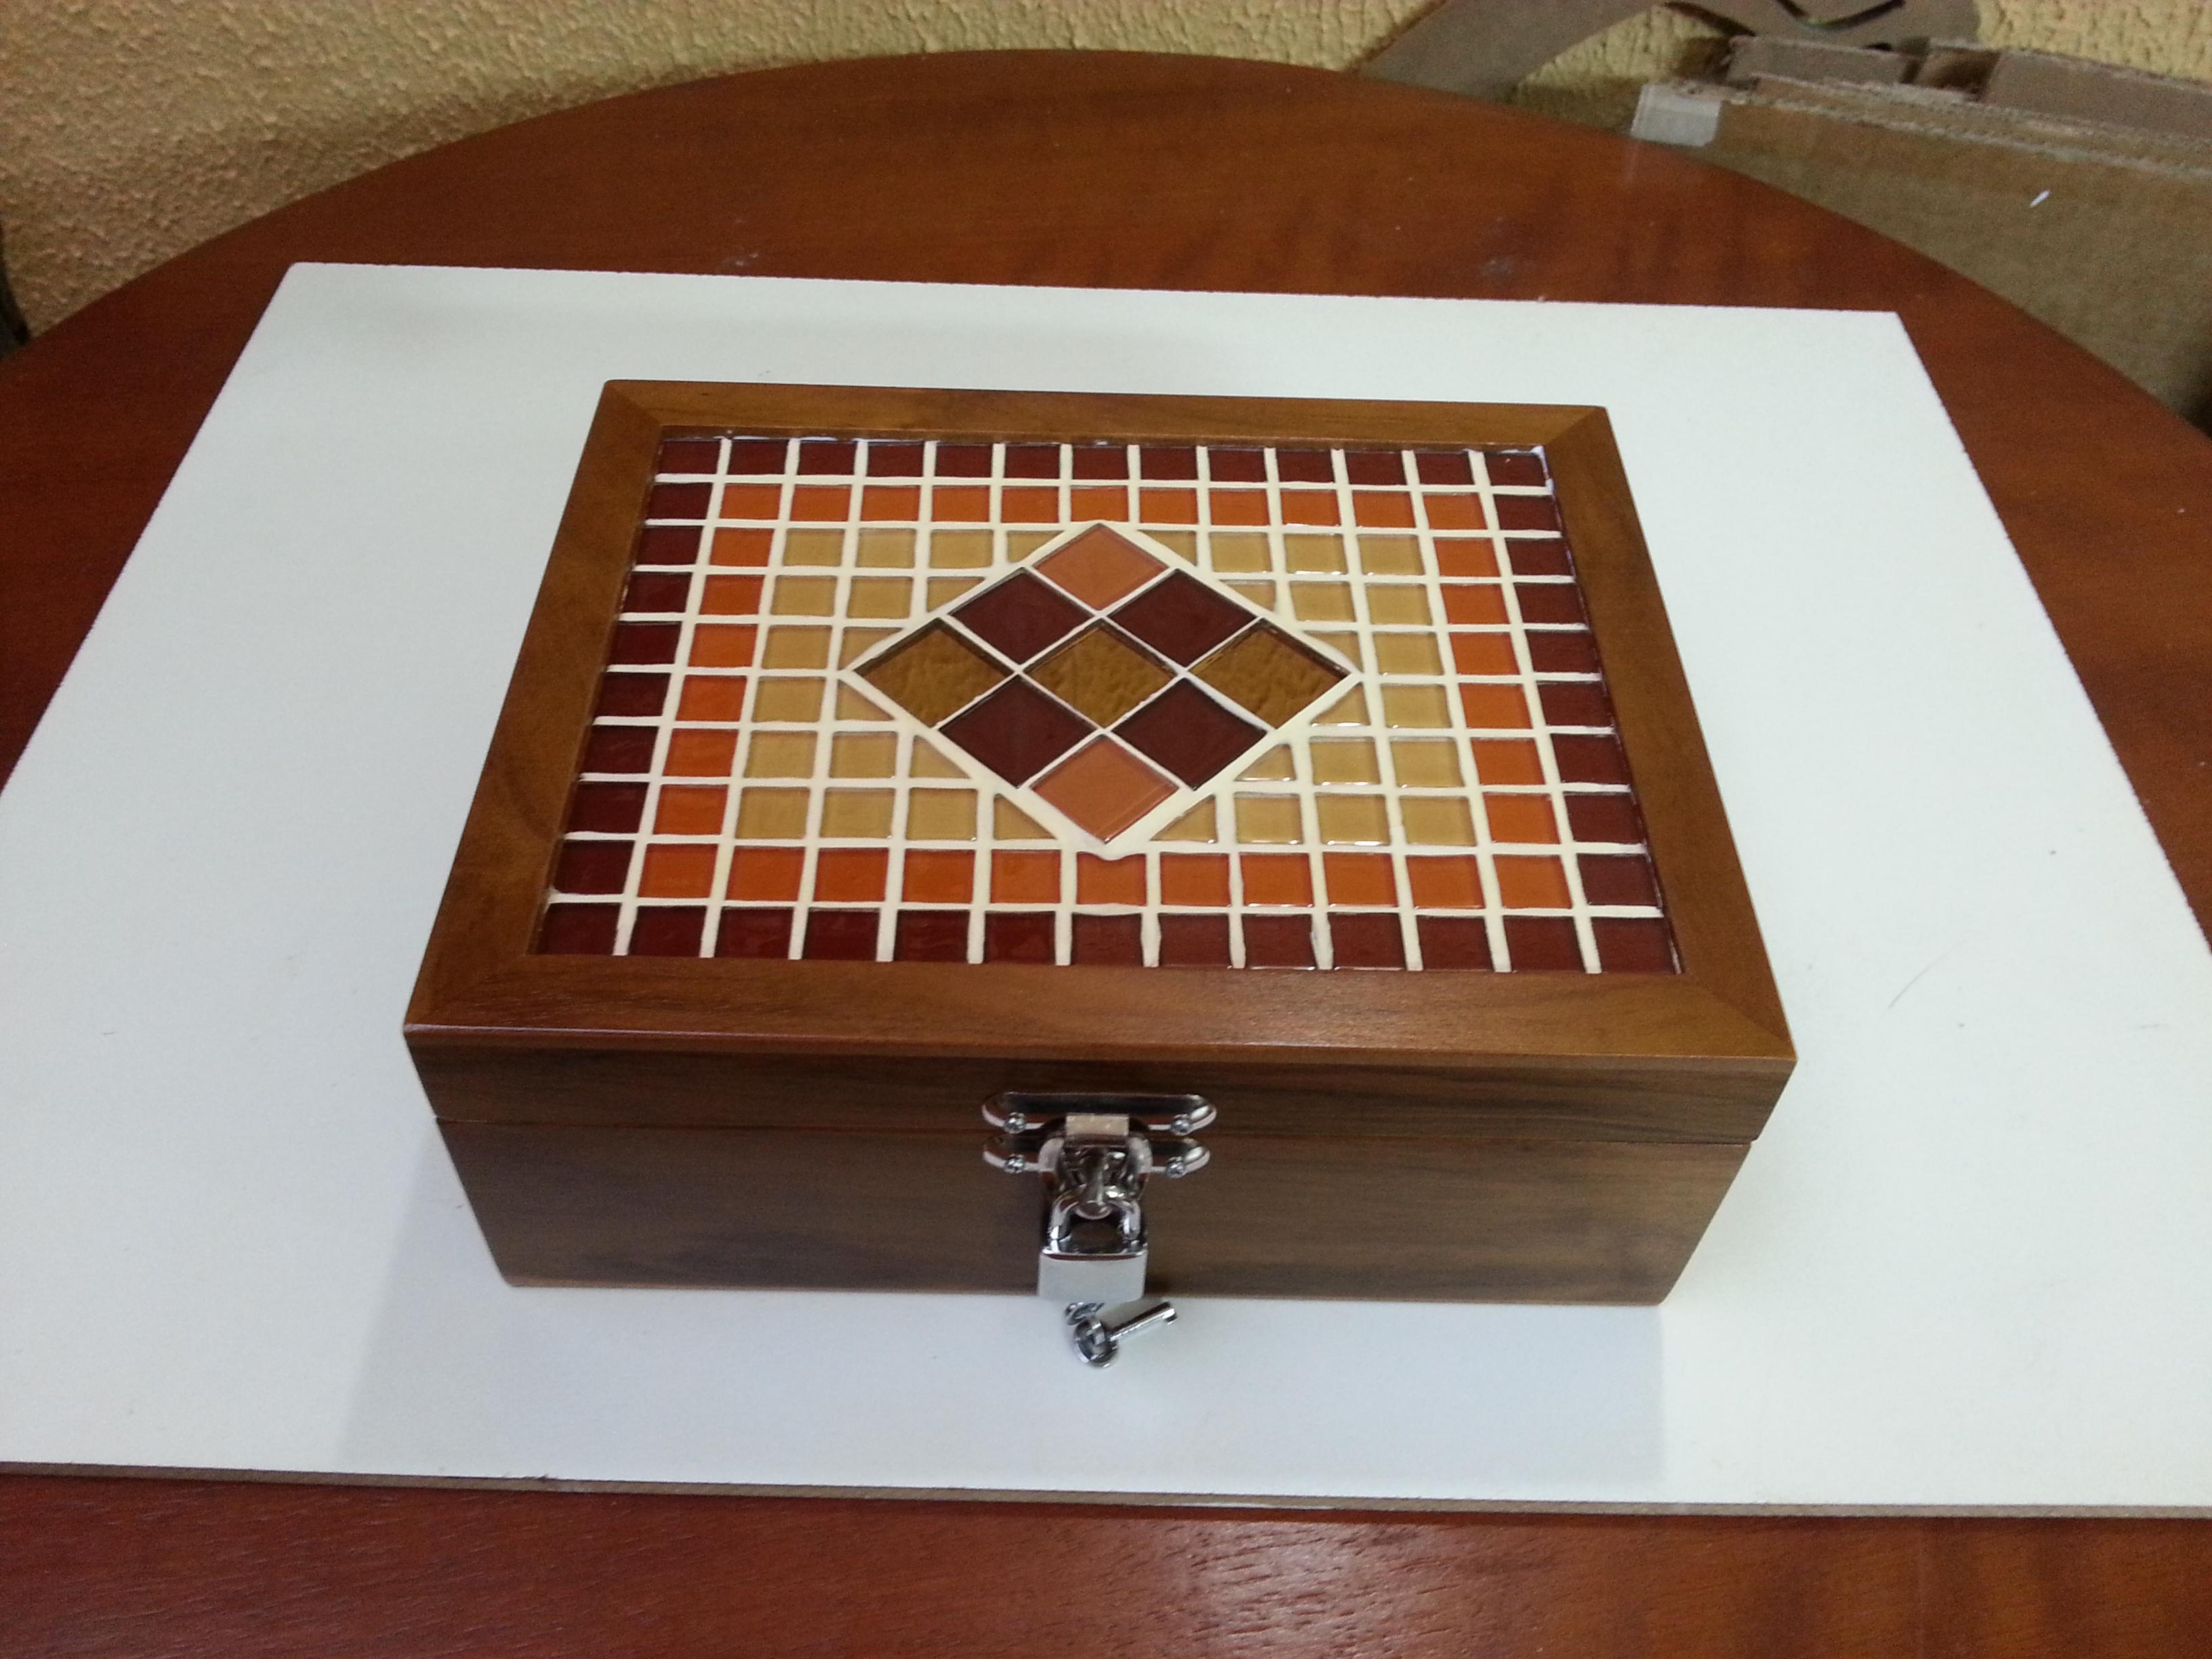 caixa madeira mosaico p joias caixa de cha caixa madeira mosaico p  #68371D 3264x2448